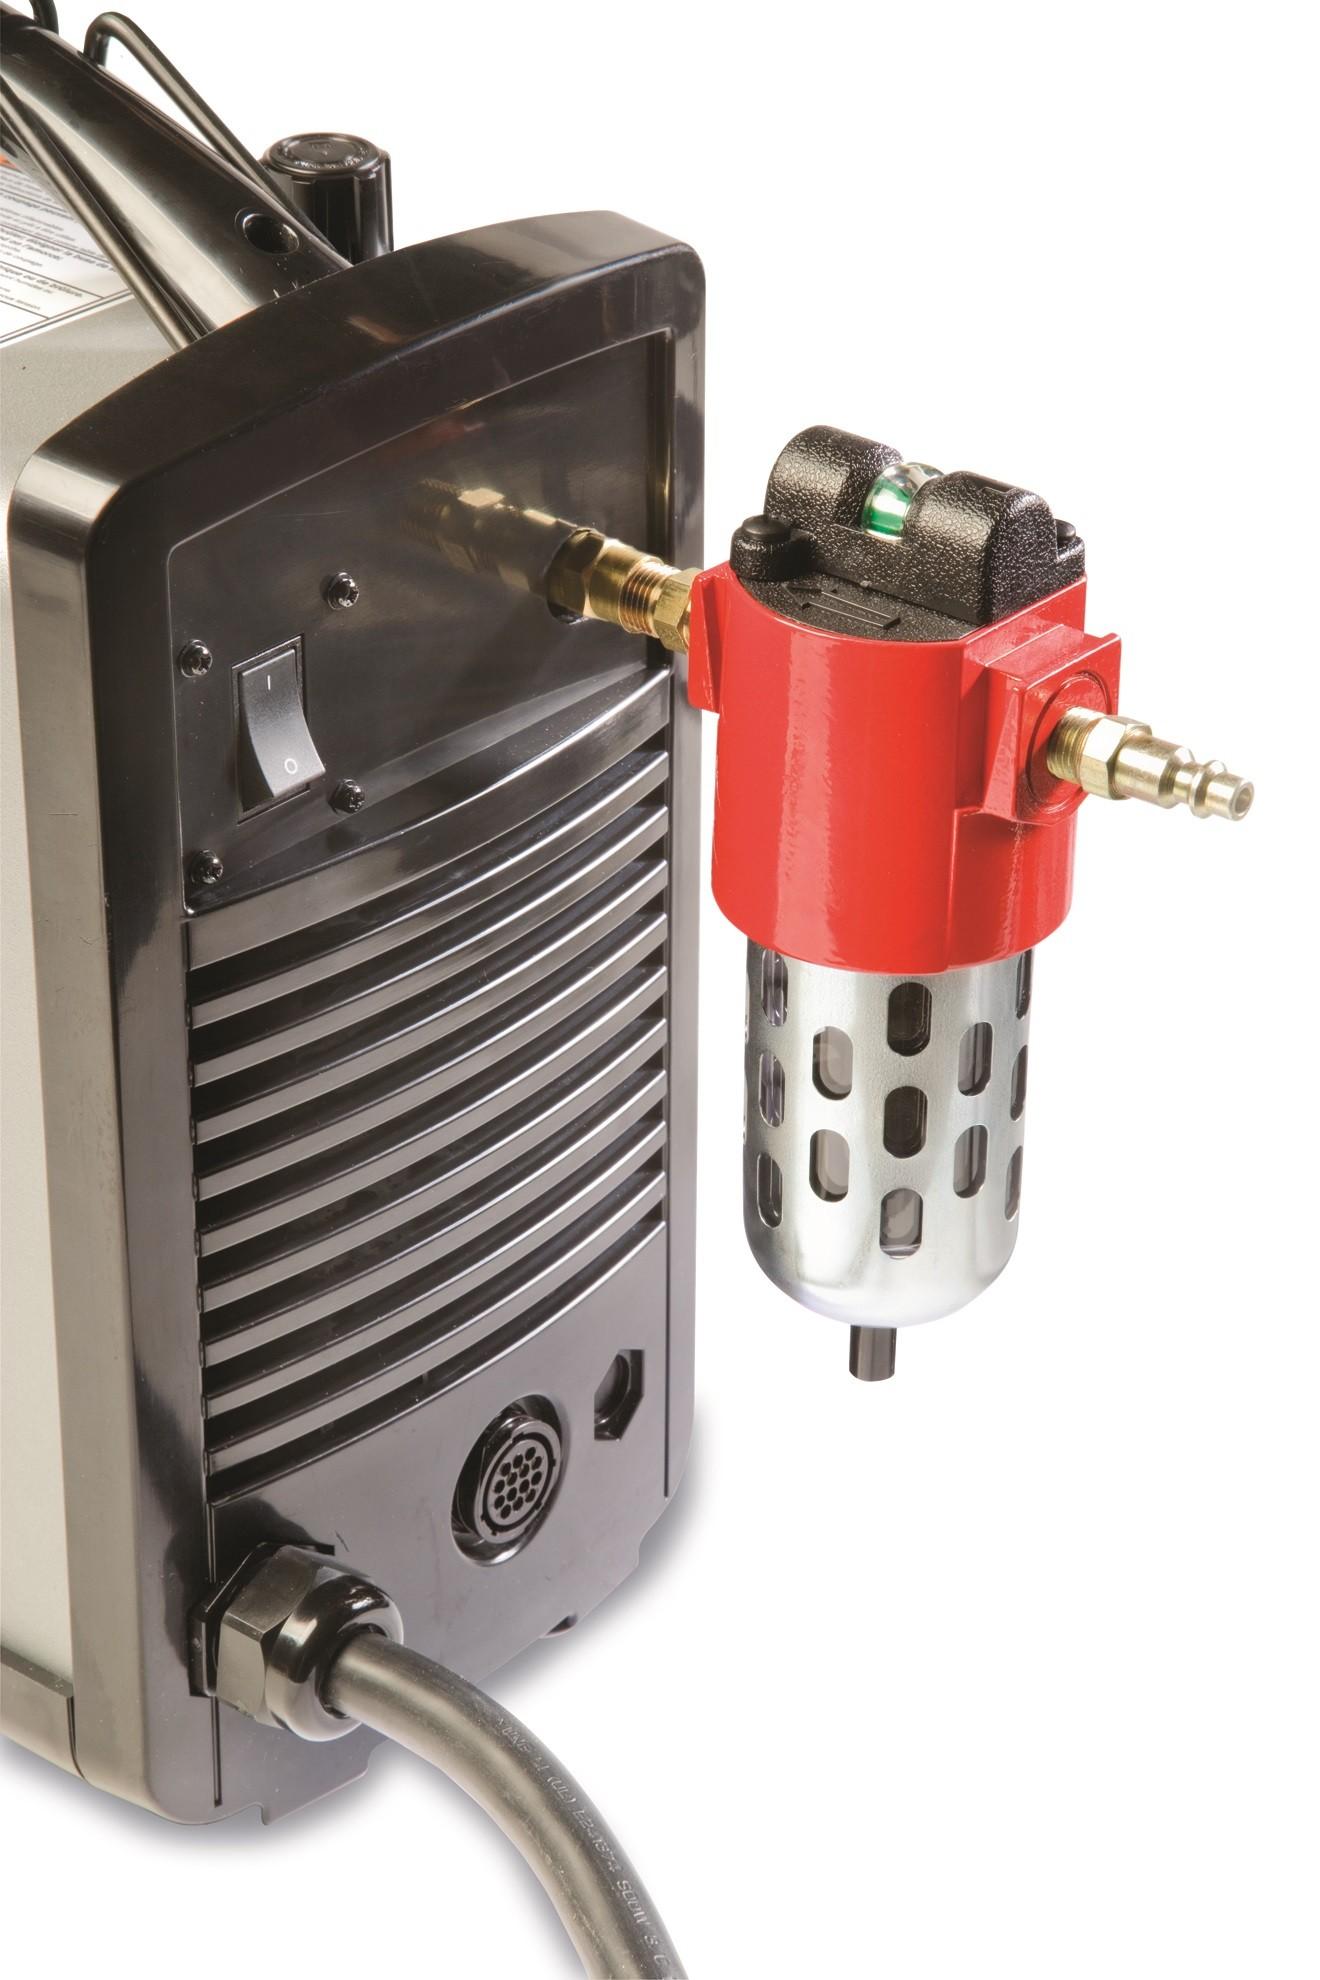 Welder Air Filter : Hypertherm air filtration kit miganglia welding equipment